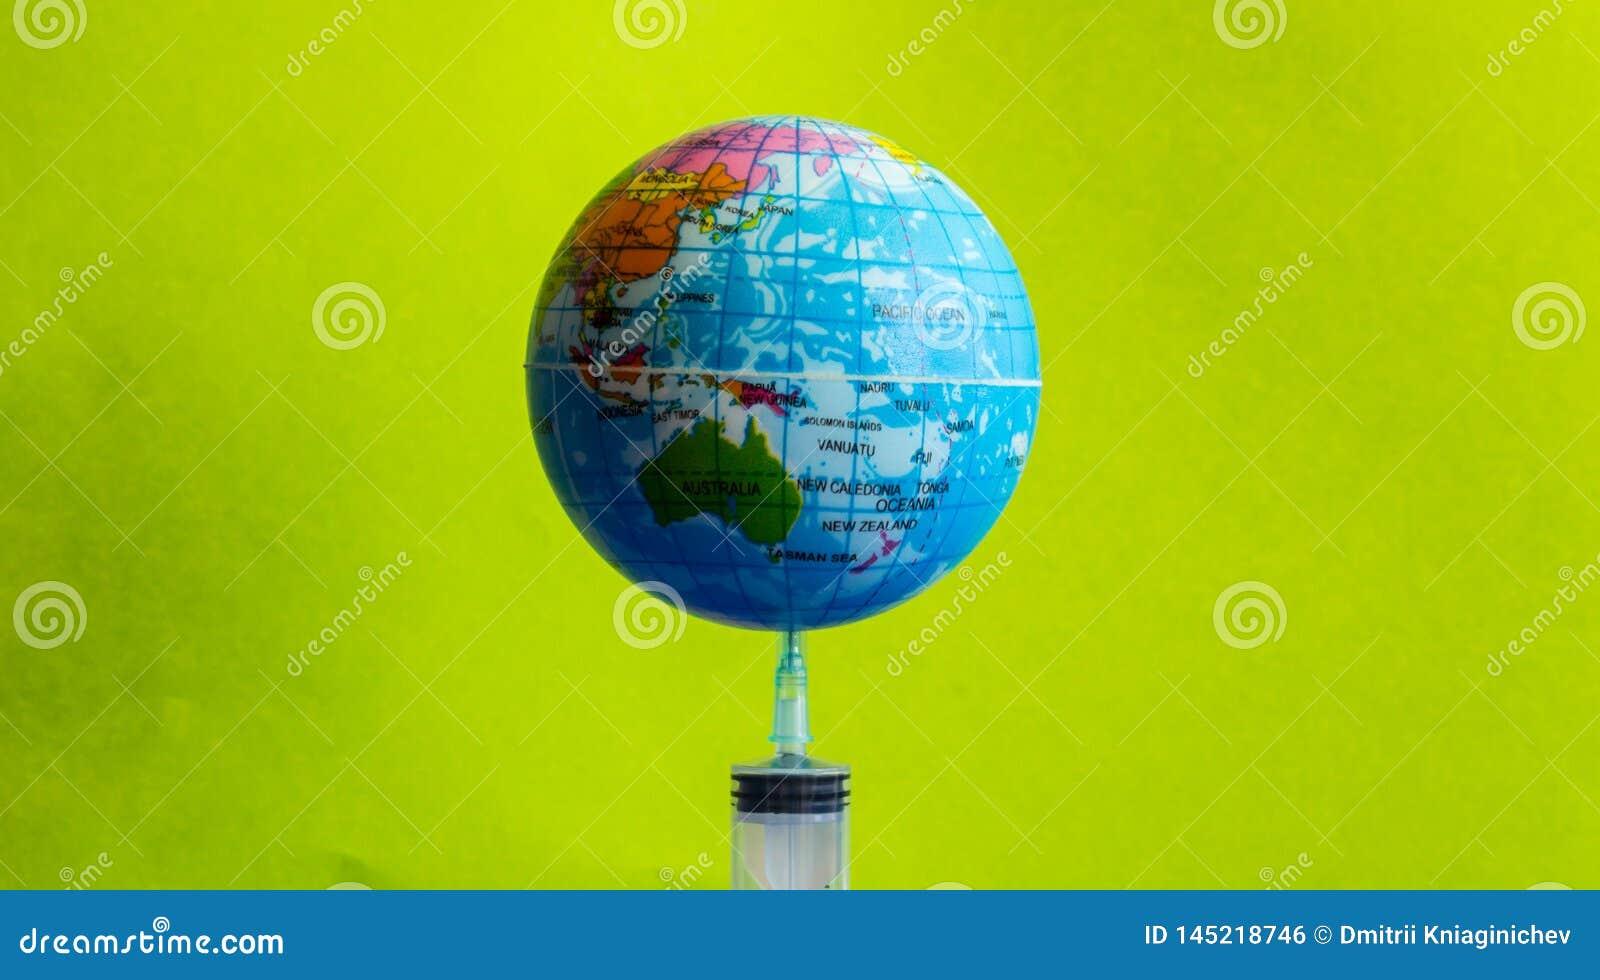 La tierra modelo en la jeringuilla con el fondo verde - imagen